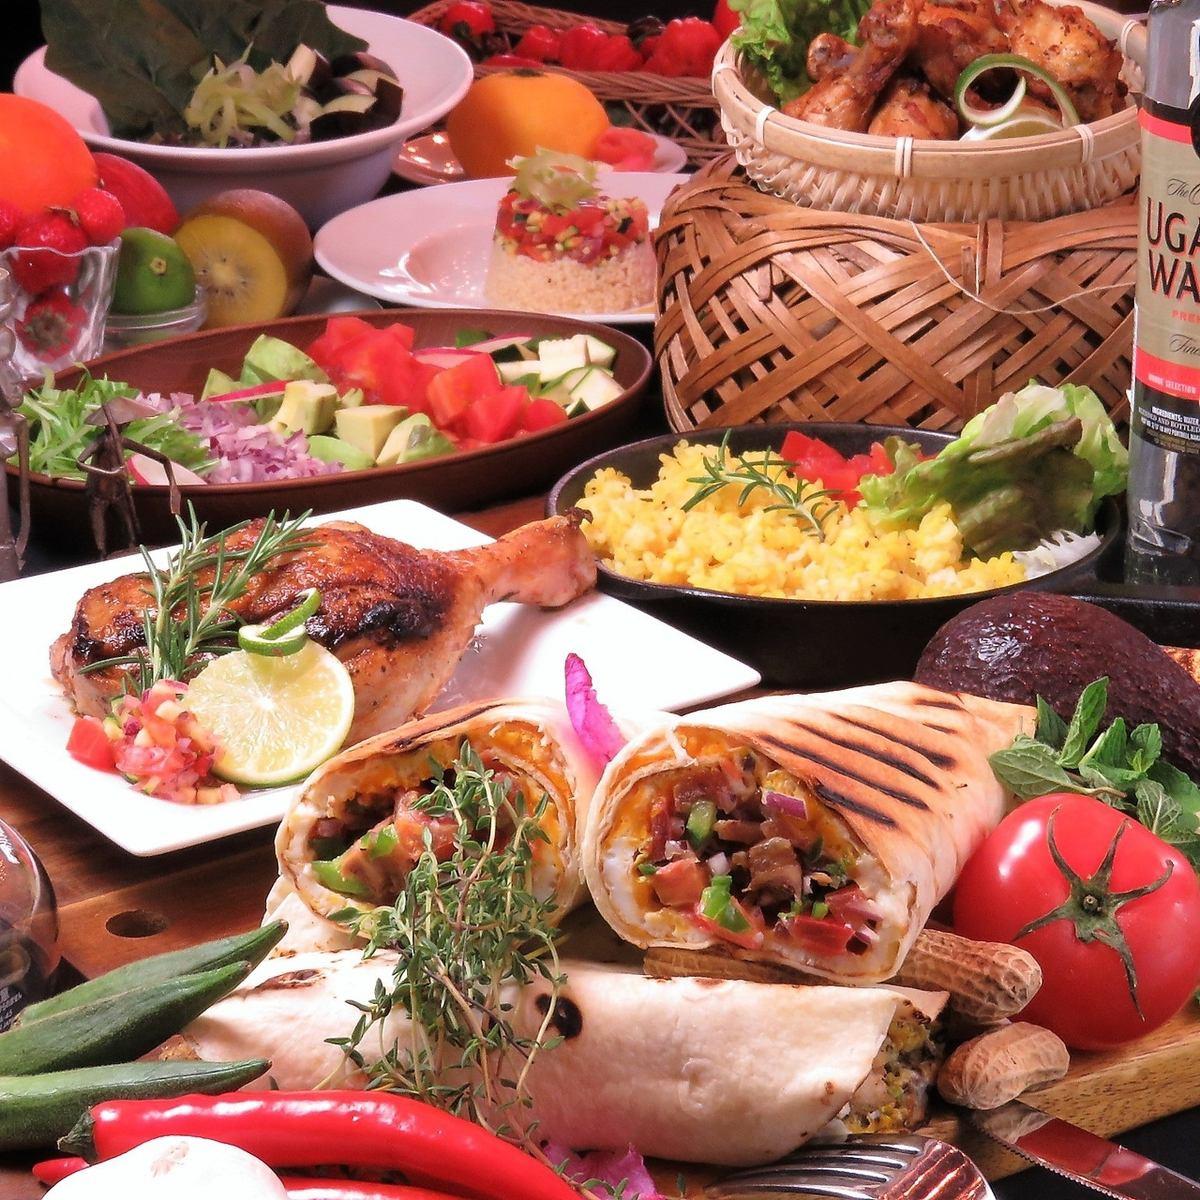 일식의 기술과 아프리카 특유의 향신료와 재료를 절묘하게 융합! 맛에 자신 있음! 50 석!